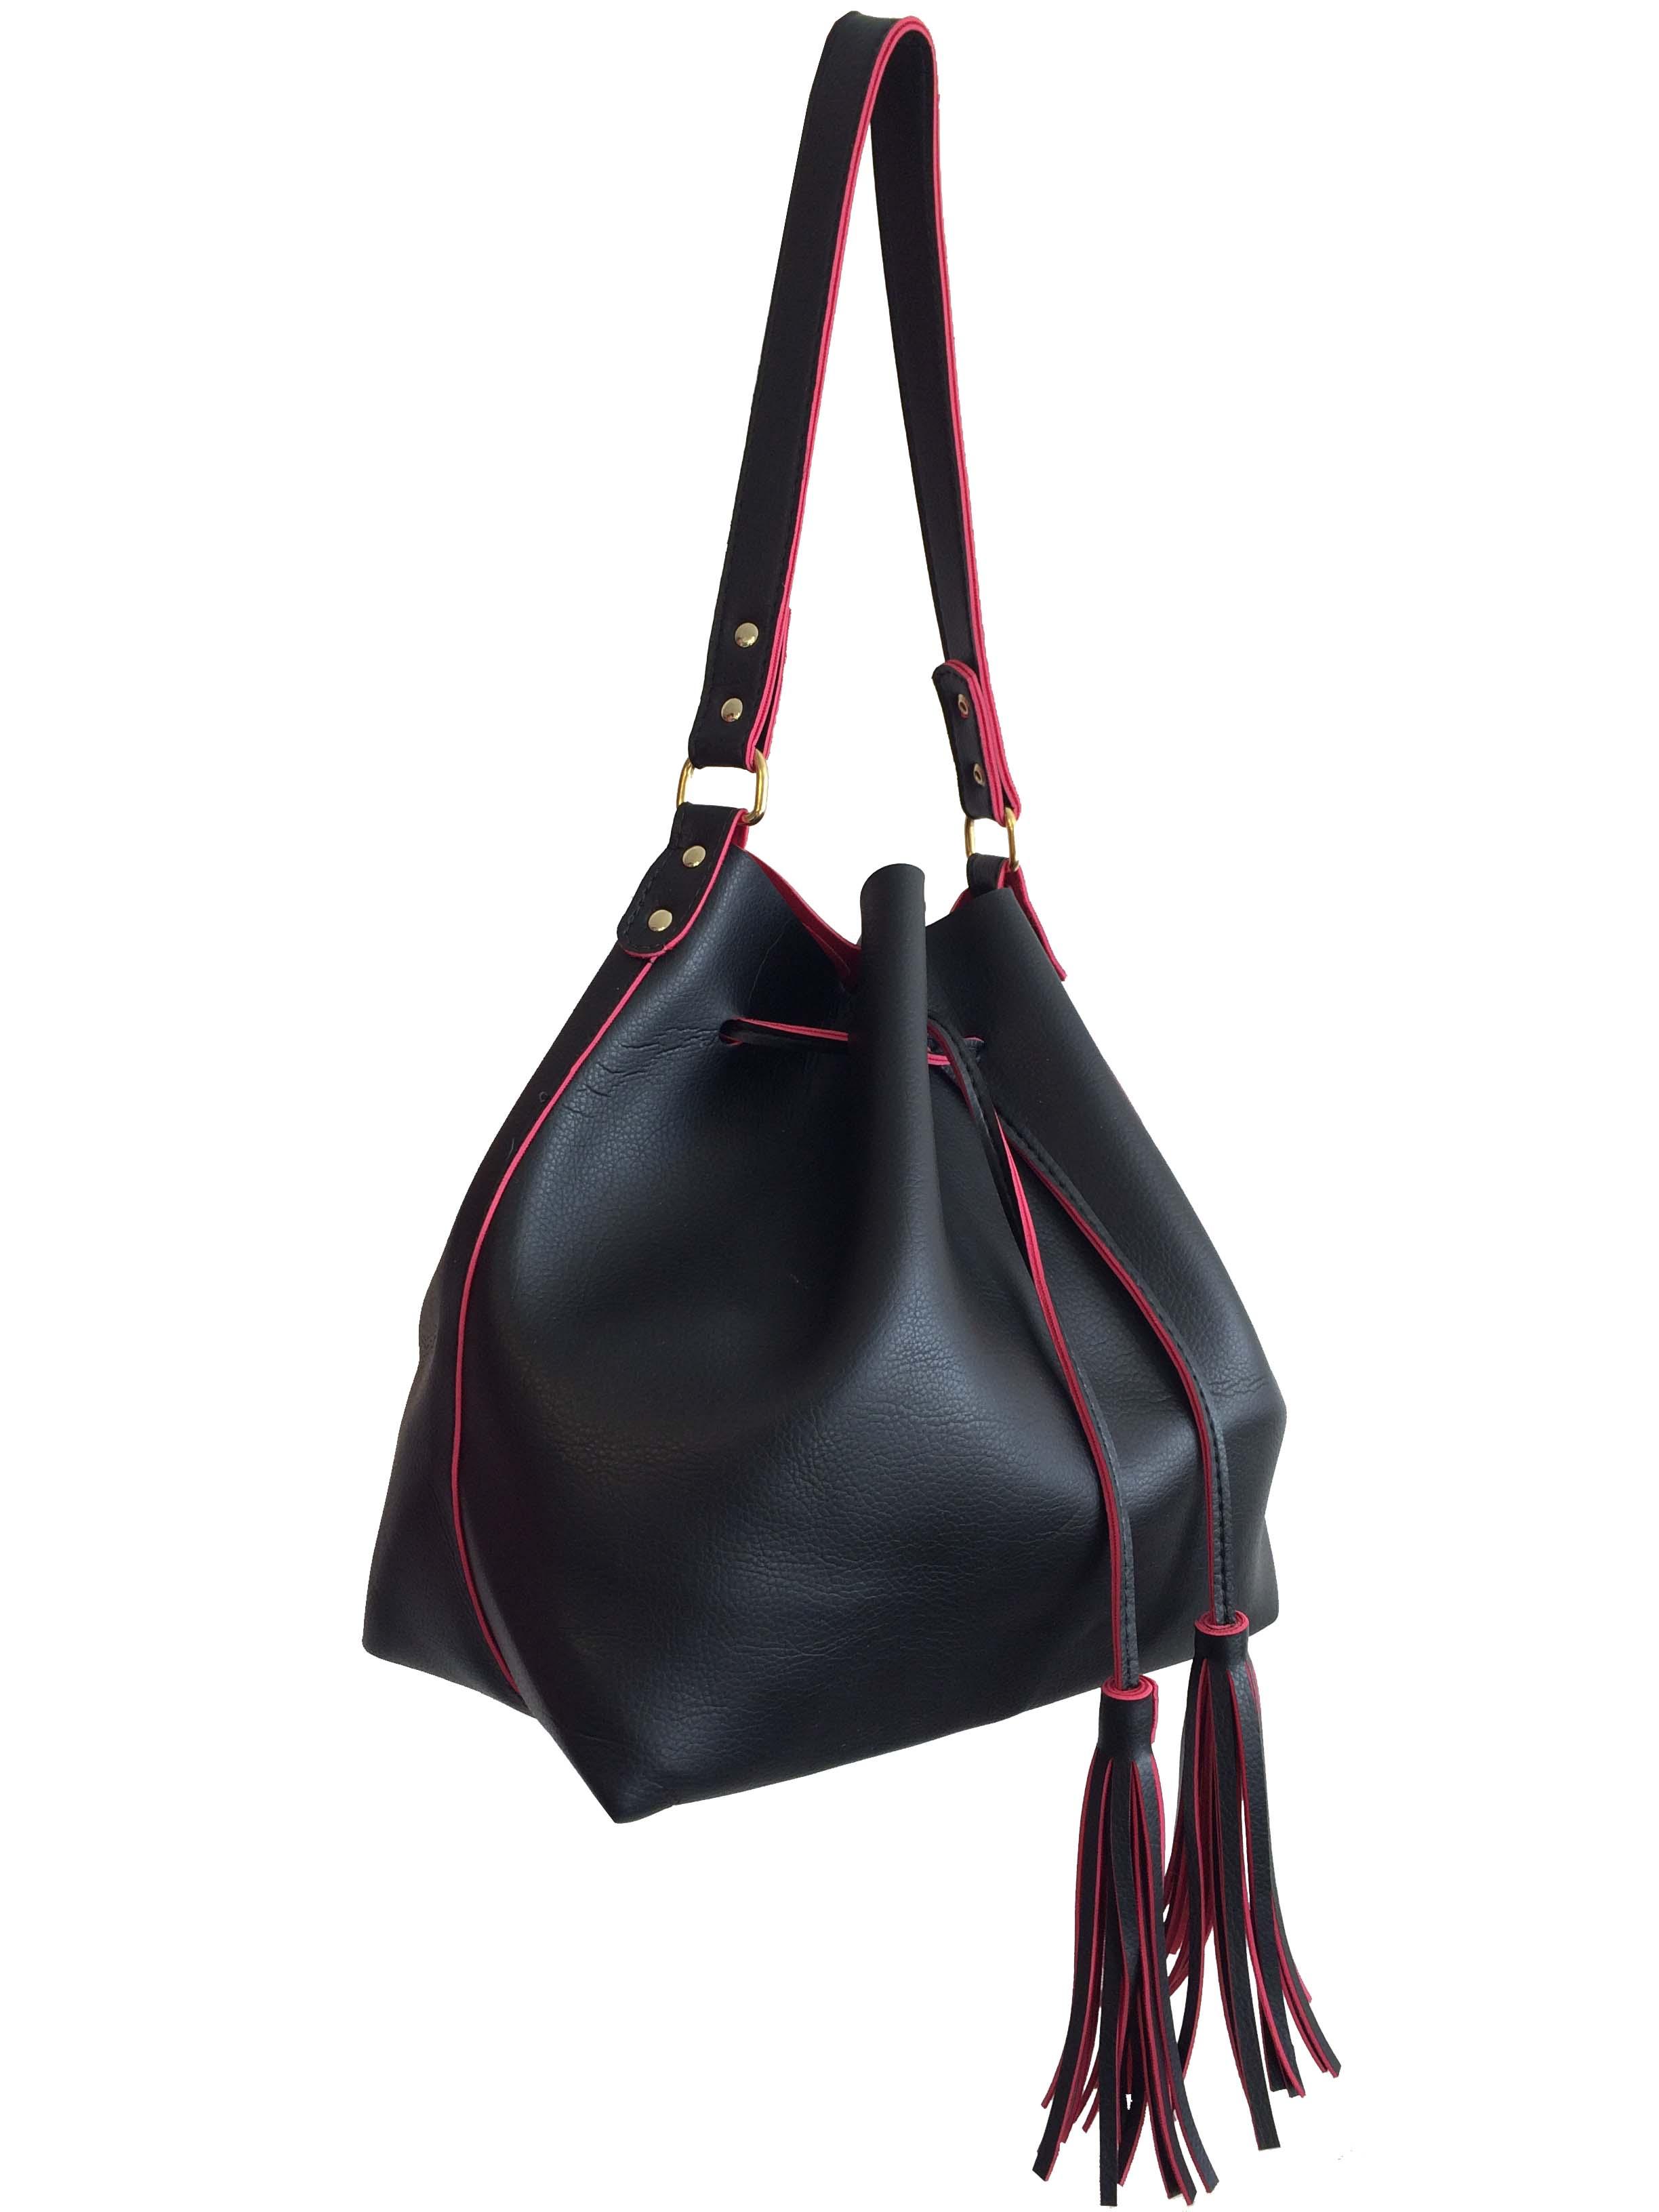 17ccf70ac Bolsa feminina grande saco transversal preta e vermelha no Elo7 | Meu Tio  Que Fez (786D00)